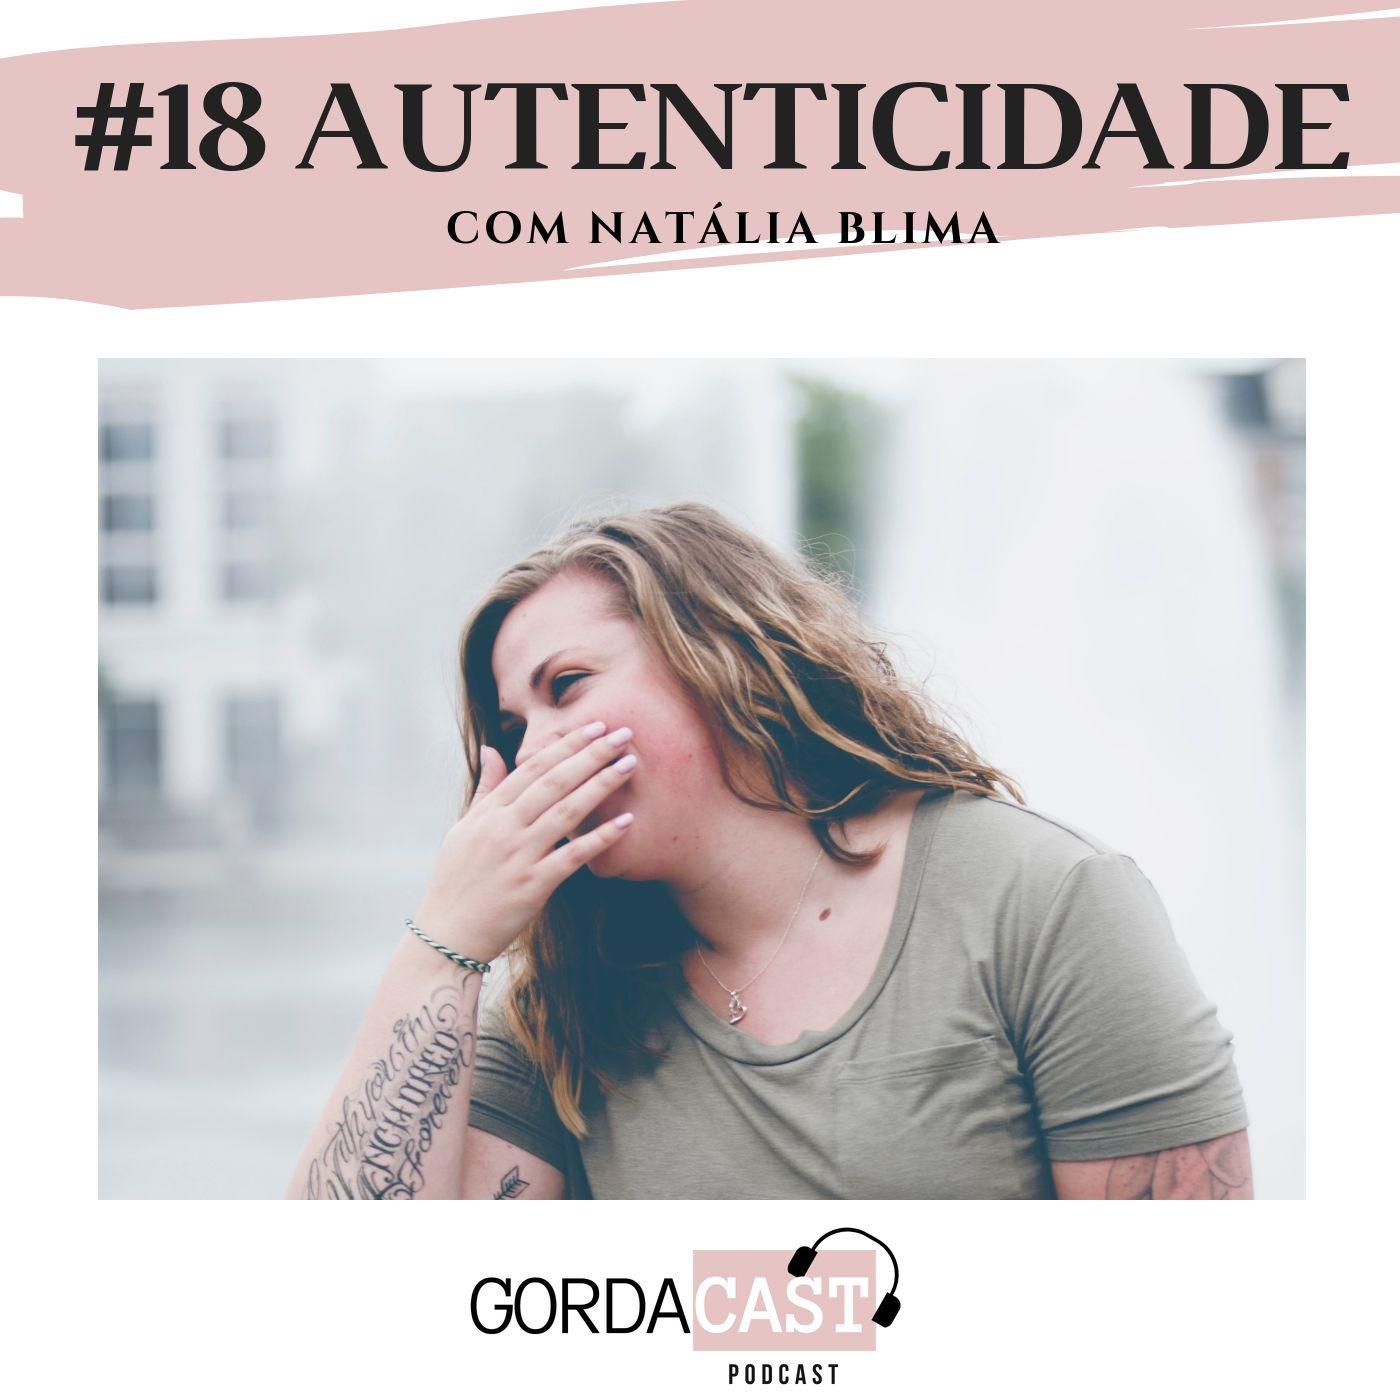 GordaCast #18   Autenticidade com Natalia Blima